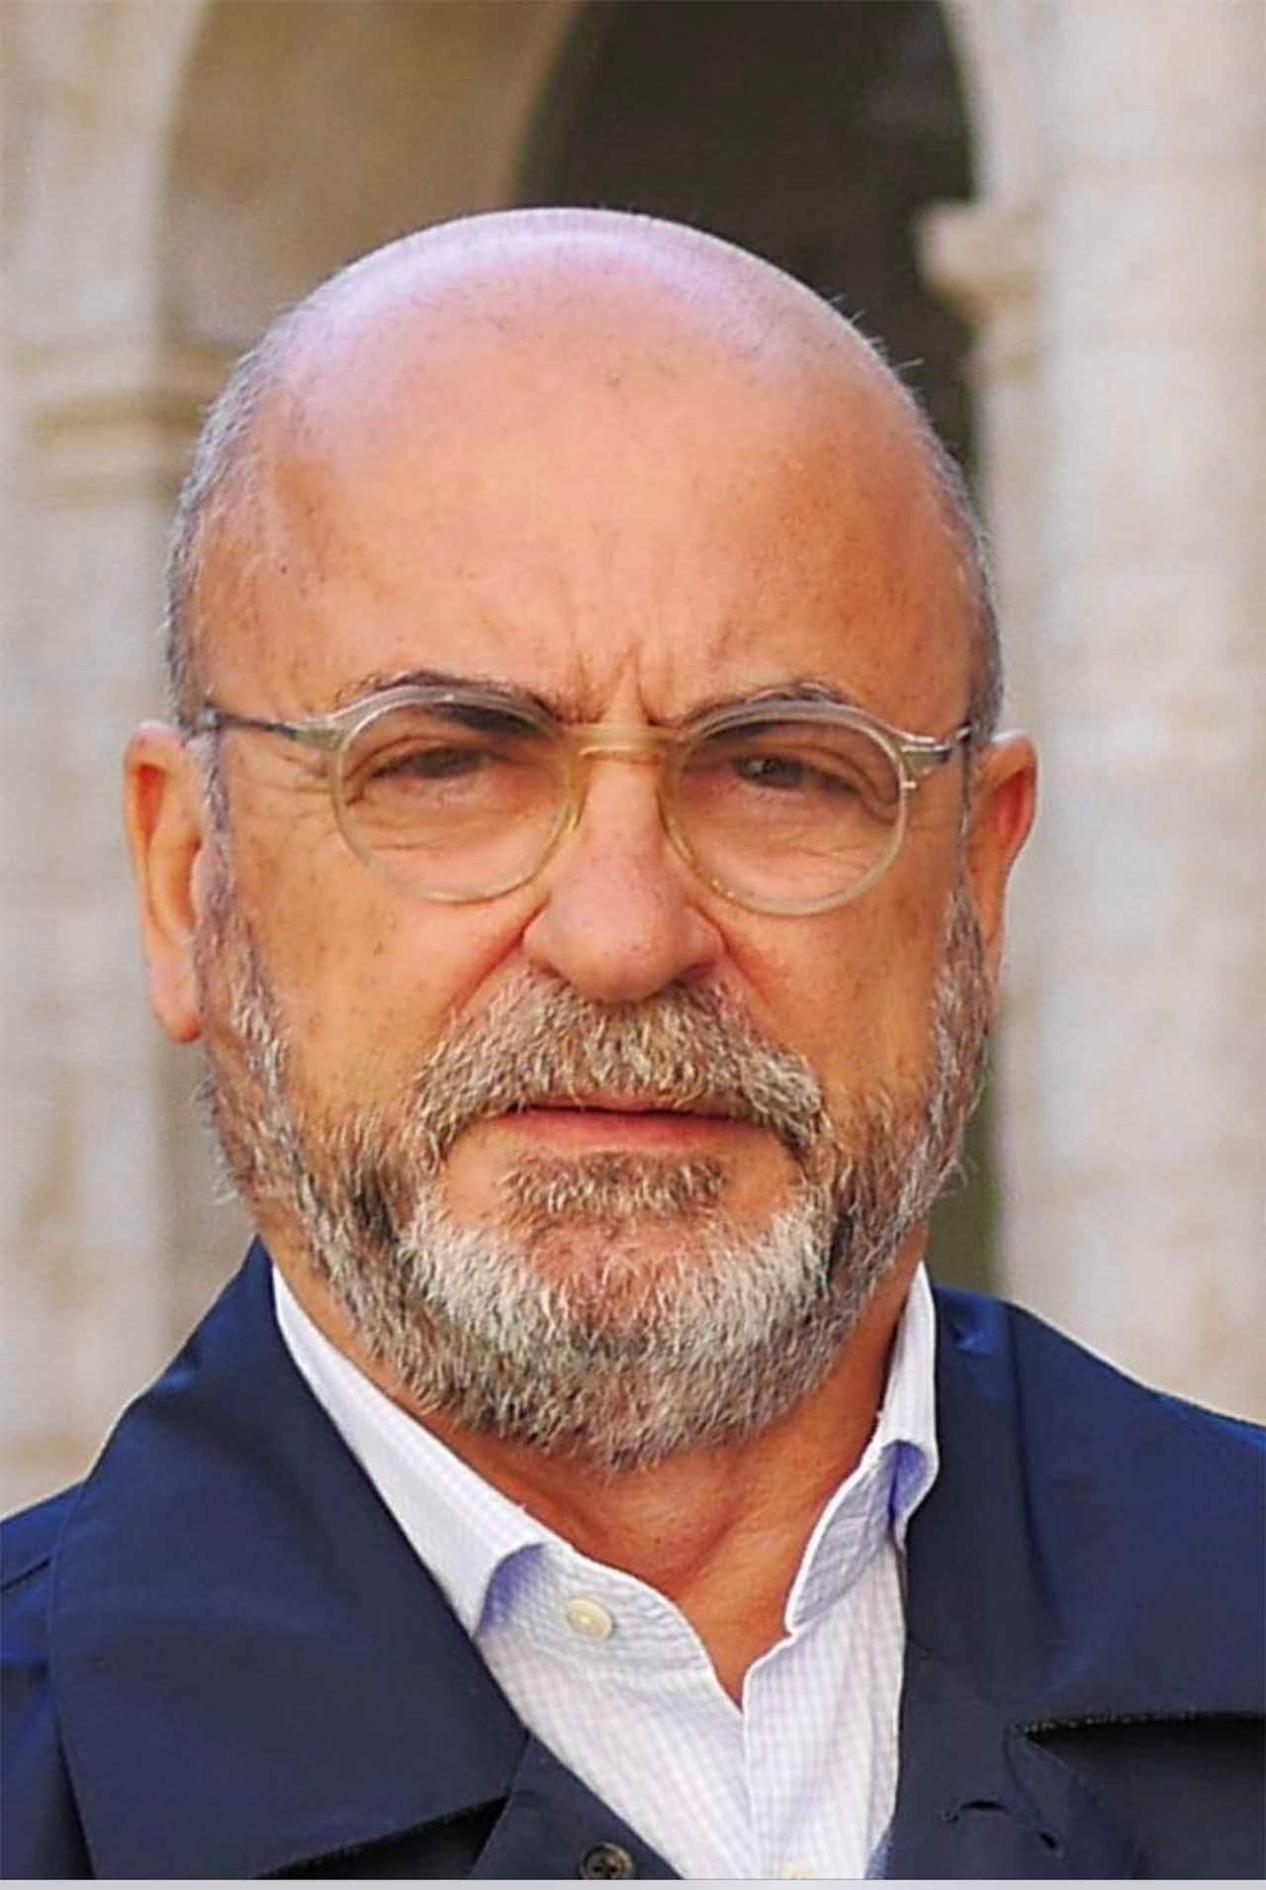 Carlos Rosado Presidente de SFC